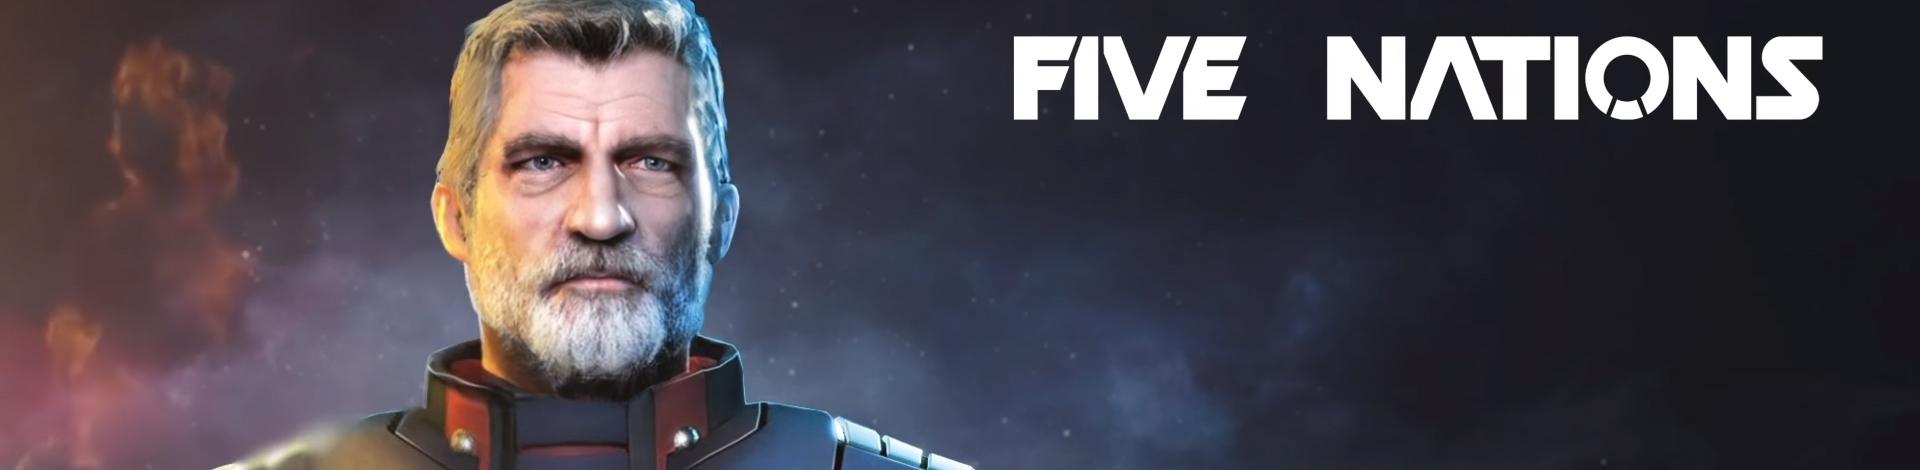 52z飞翔网小编整理了【五国集团·游戏合集】,提供五国集团中文绿色版、Five Nations豪华破解版/未加密版/全DLC整合版下载。在游戏的世界观中,银河诞生了五个强大的文明,你代表的是人类地球文明,为了人类的利益而战。